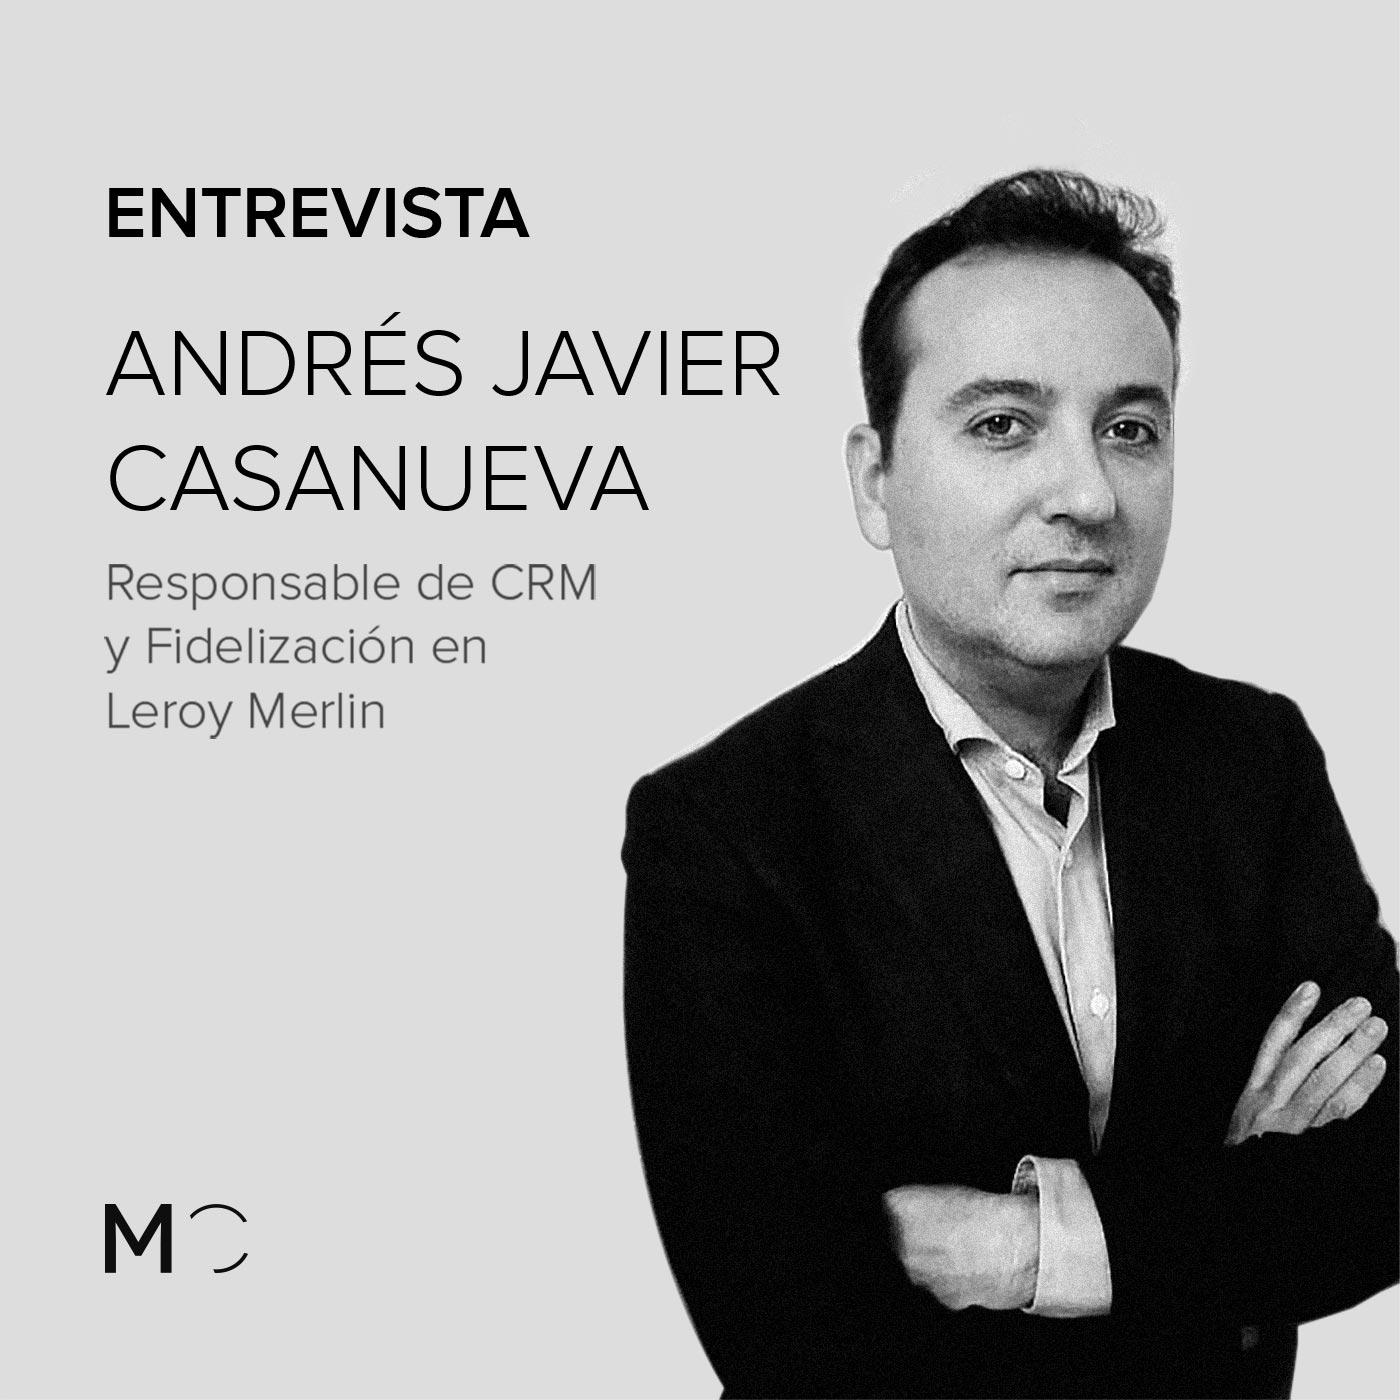 Mandarina entrevista Andrés Javier Casanueva Leroy Merlin